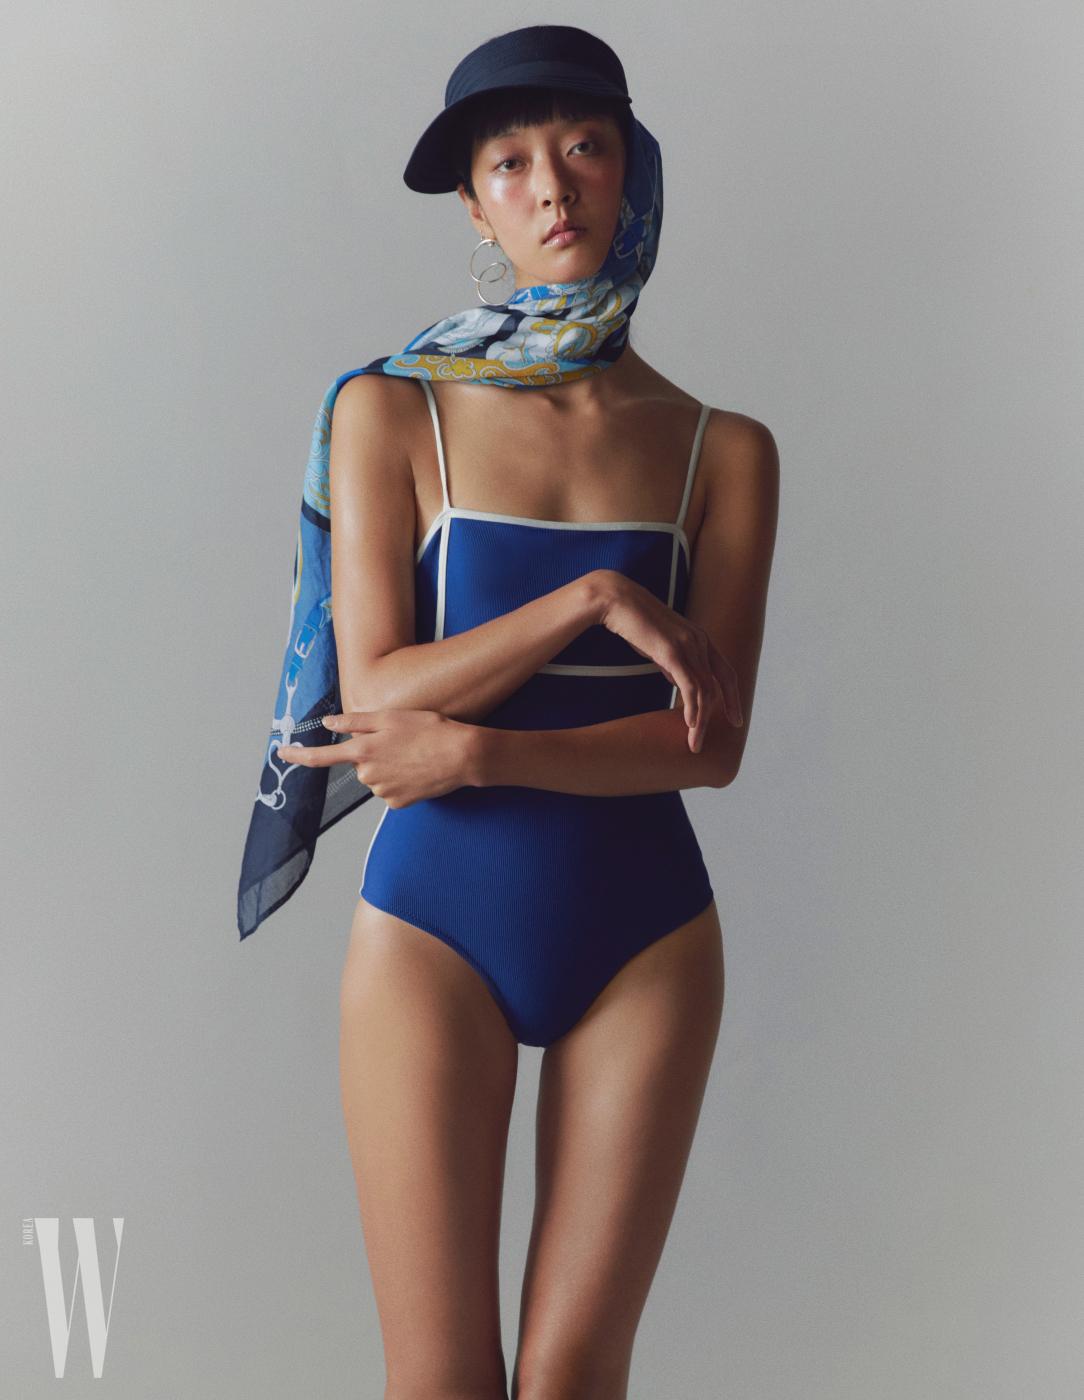 스카프가 달린 모자는 에르메스 제품. 가격 미정. 파란 수영복은 데이즈 데이즈 제품. 13만9천원. 귀고리는 14만원.